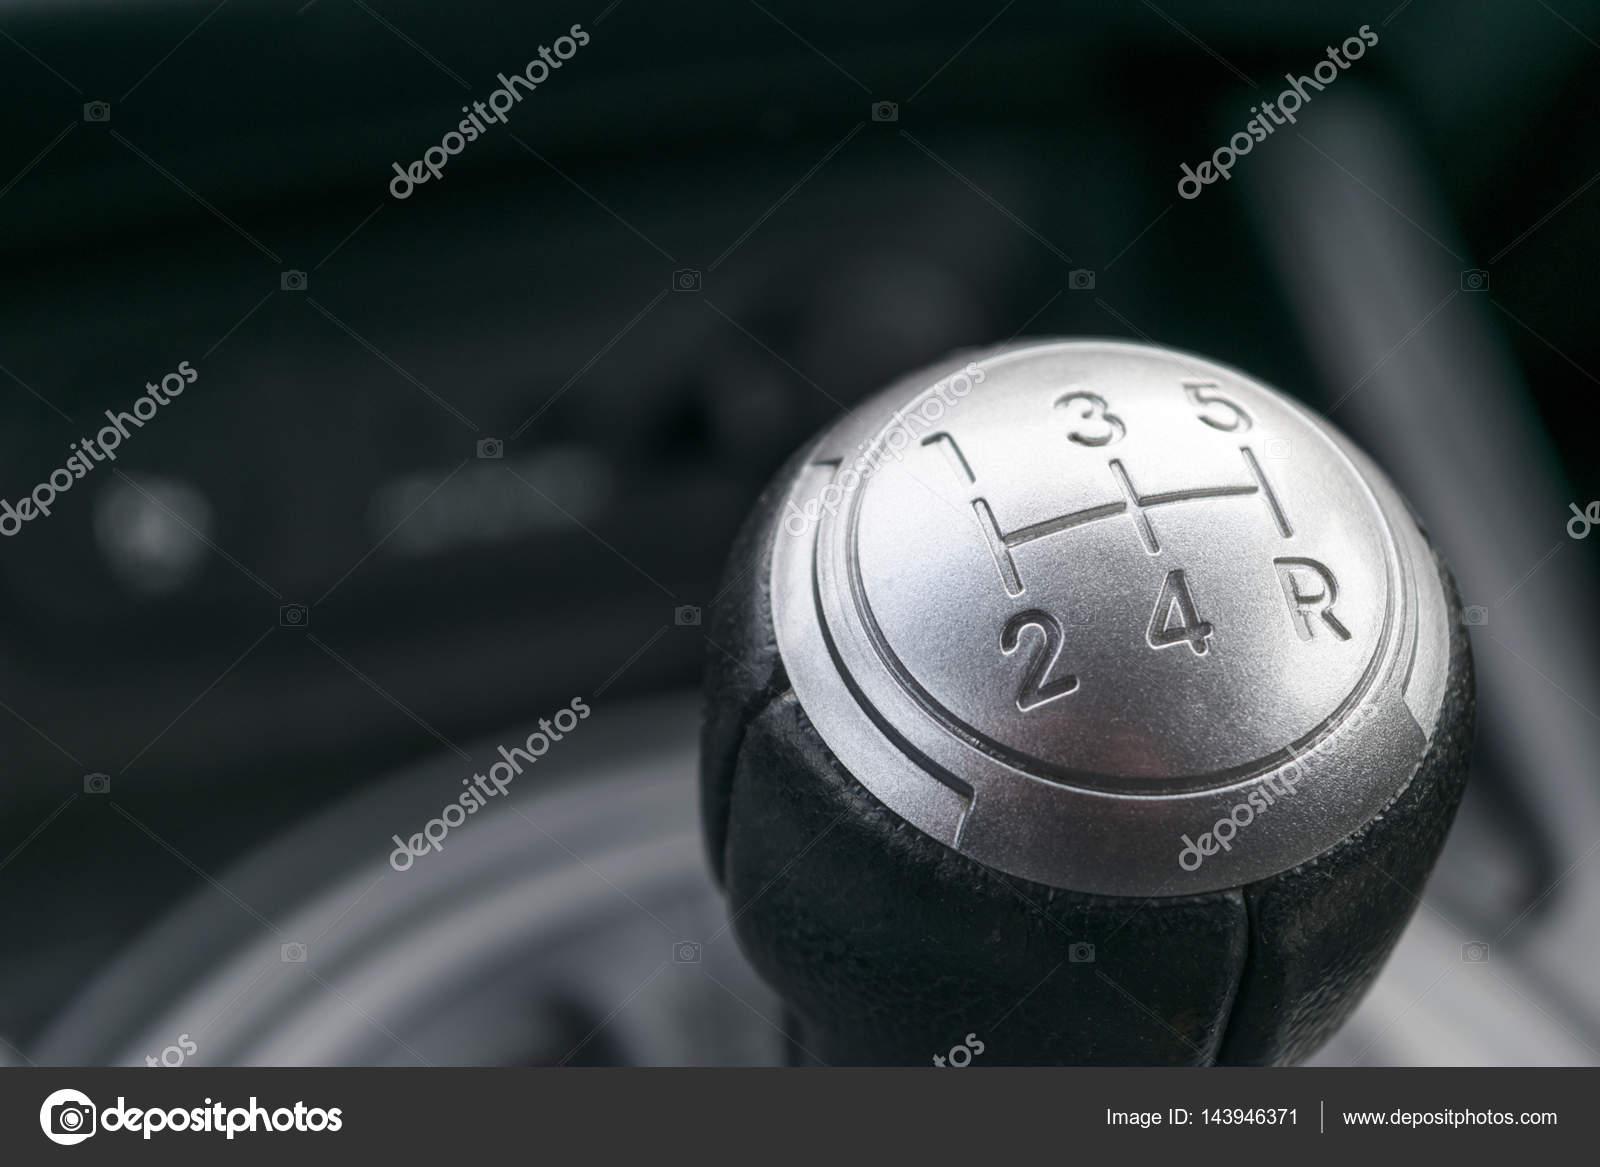 close up of a gear lever manual gearbox car interior details rh depositphotos com the manual of close-up photography pdf Close-Up Photography Tumblr